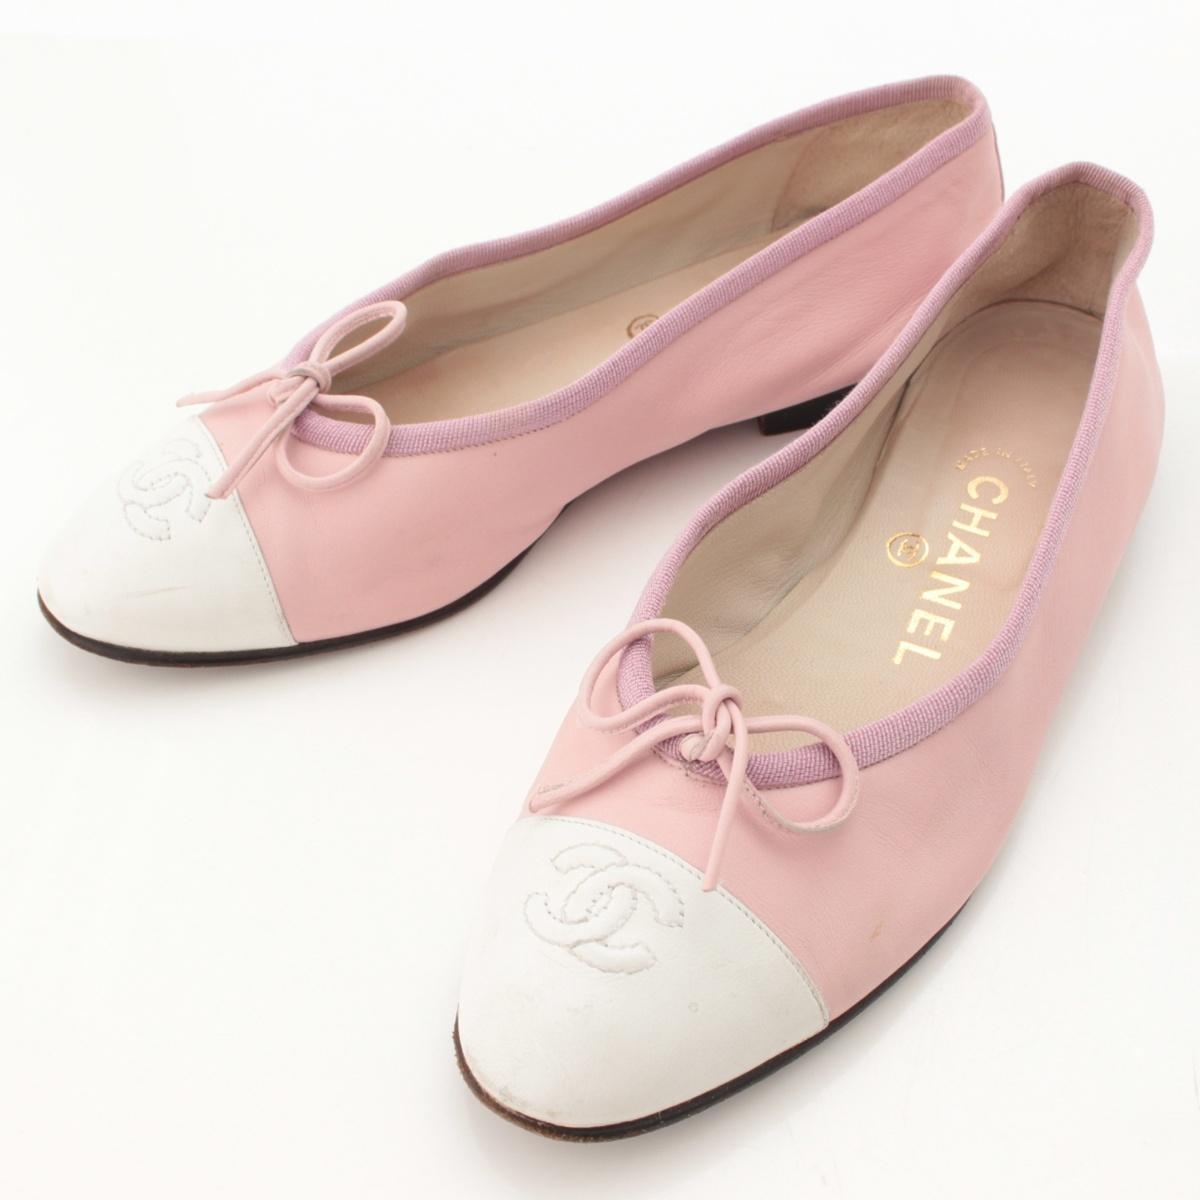 【シャネル】Chanel ココマーク リボン レザー フラットシューズ パンプス ピンク×ホワイト 37 【中古】【鑑定済・正規品保証】64105